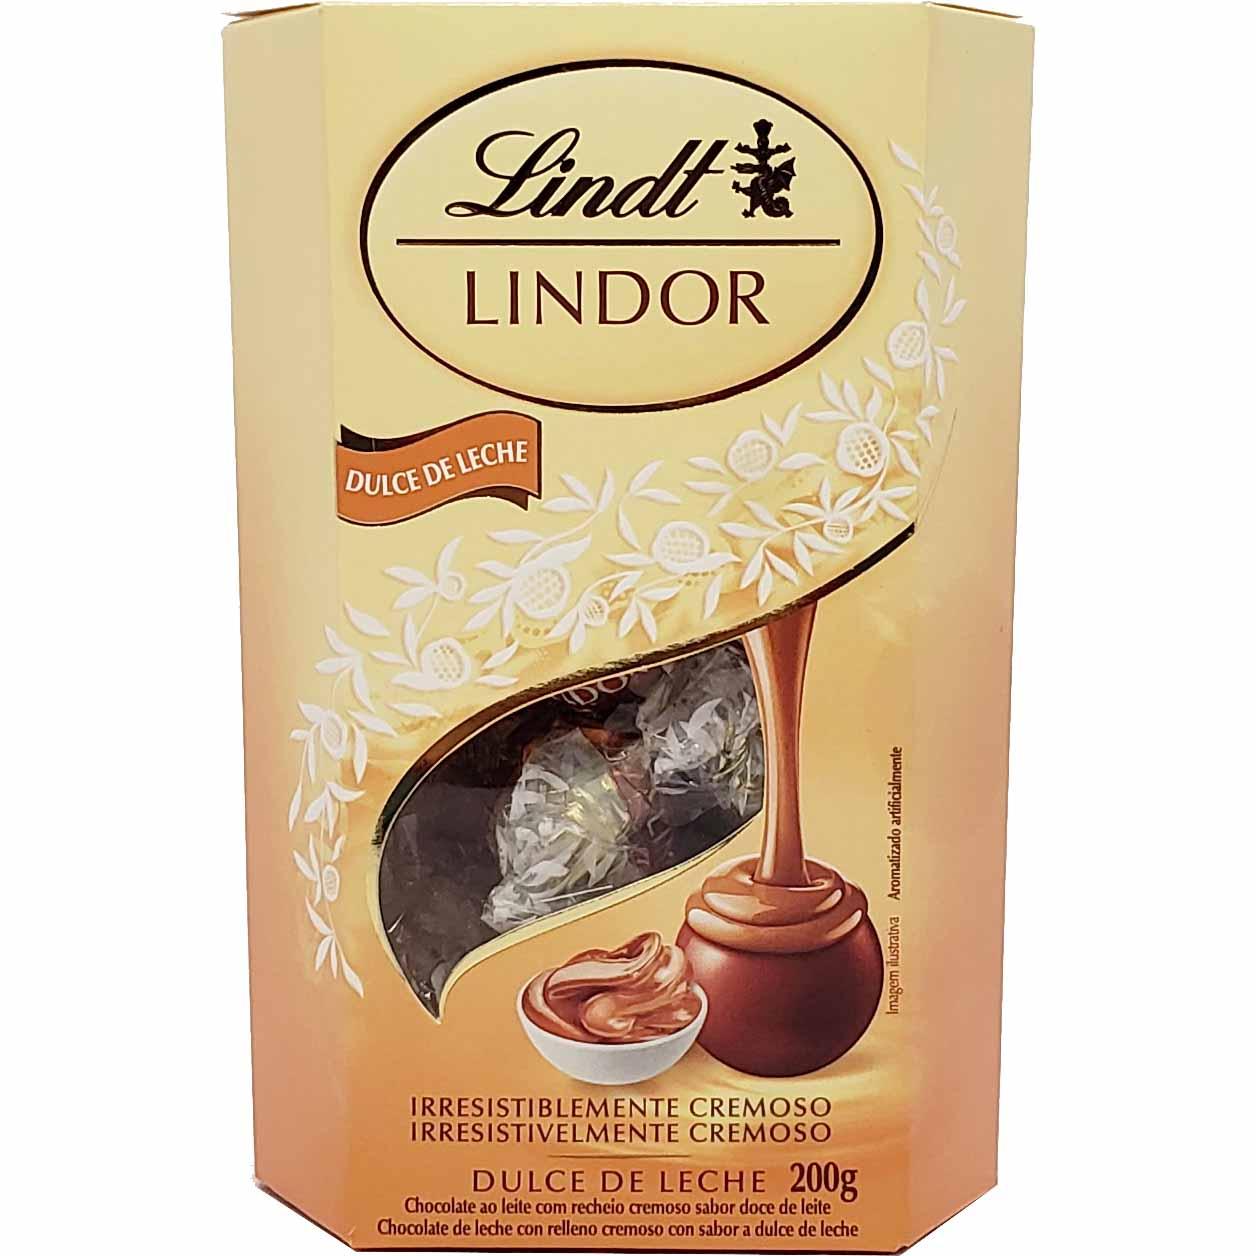 Lindt Lindor Dulce de Leche - 200g -